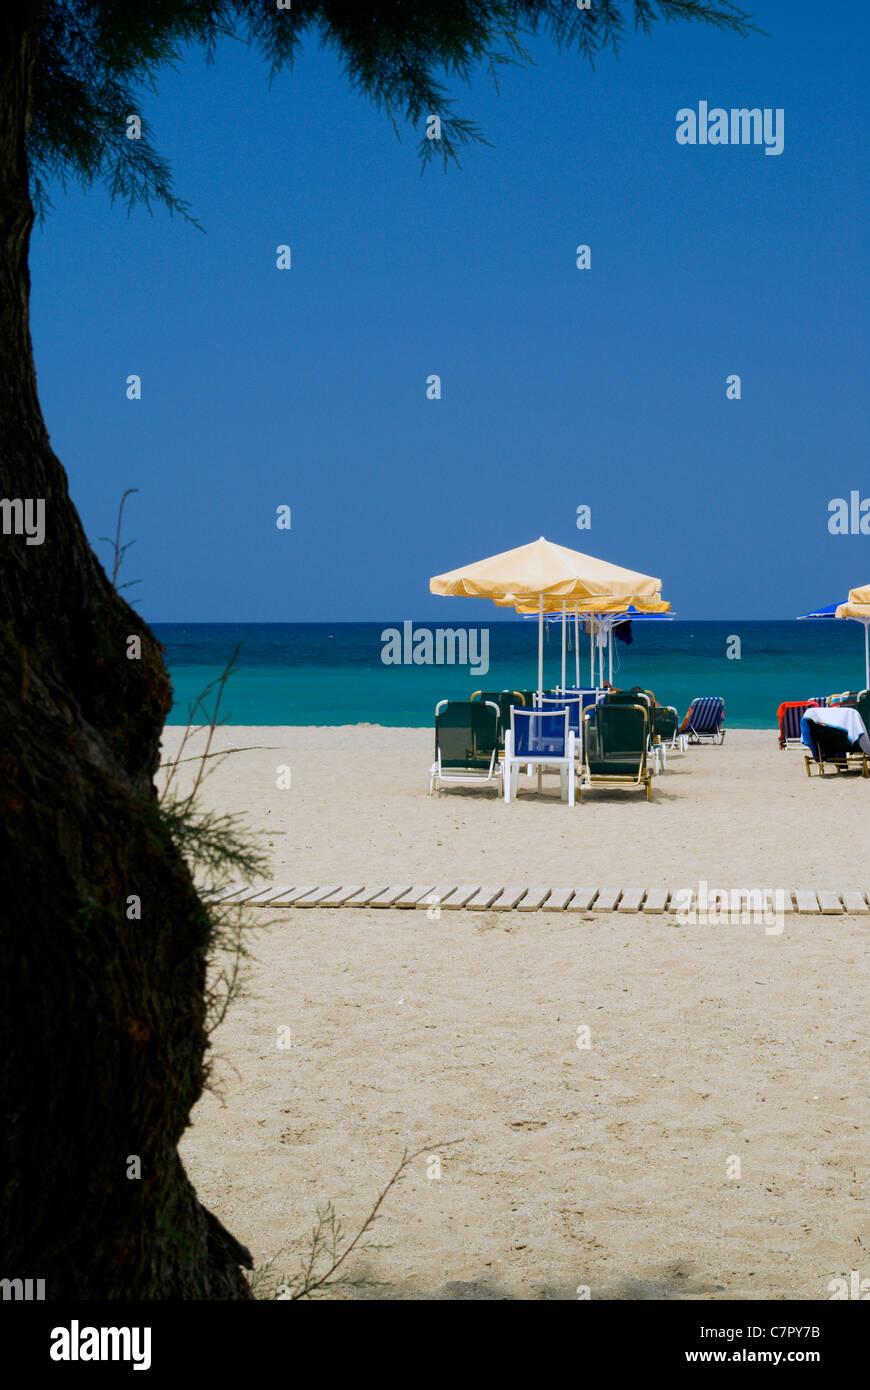 platanas beach, rethymnon, crete, greece Stock Photo